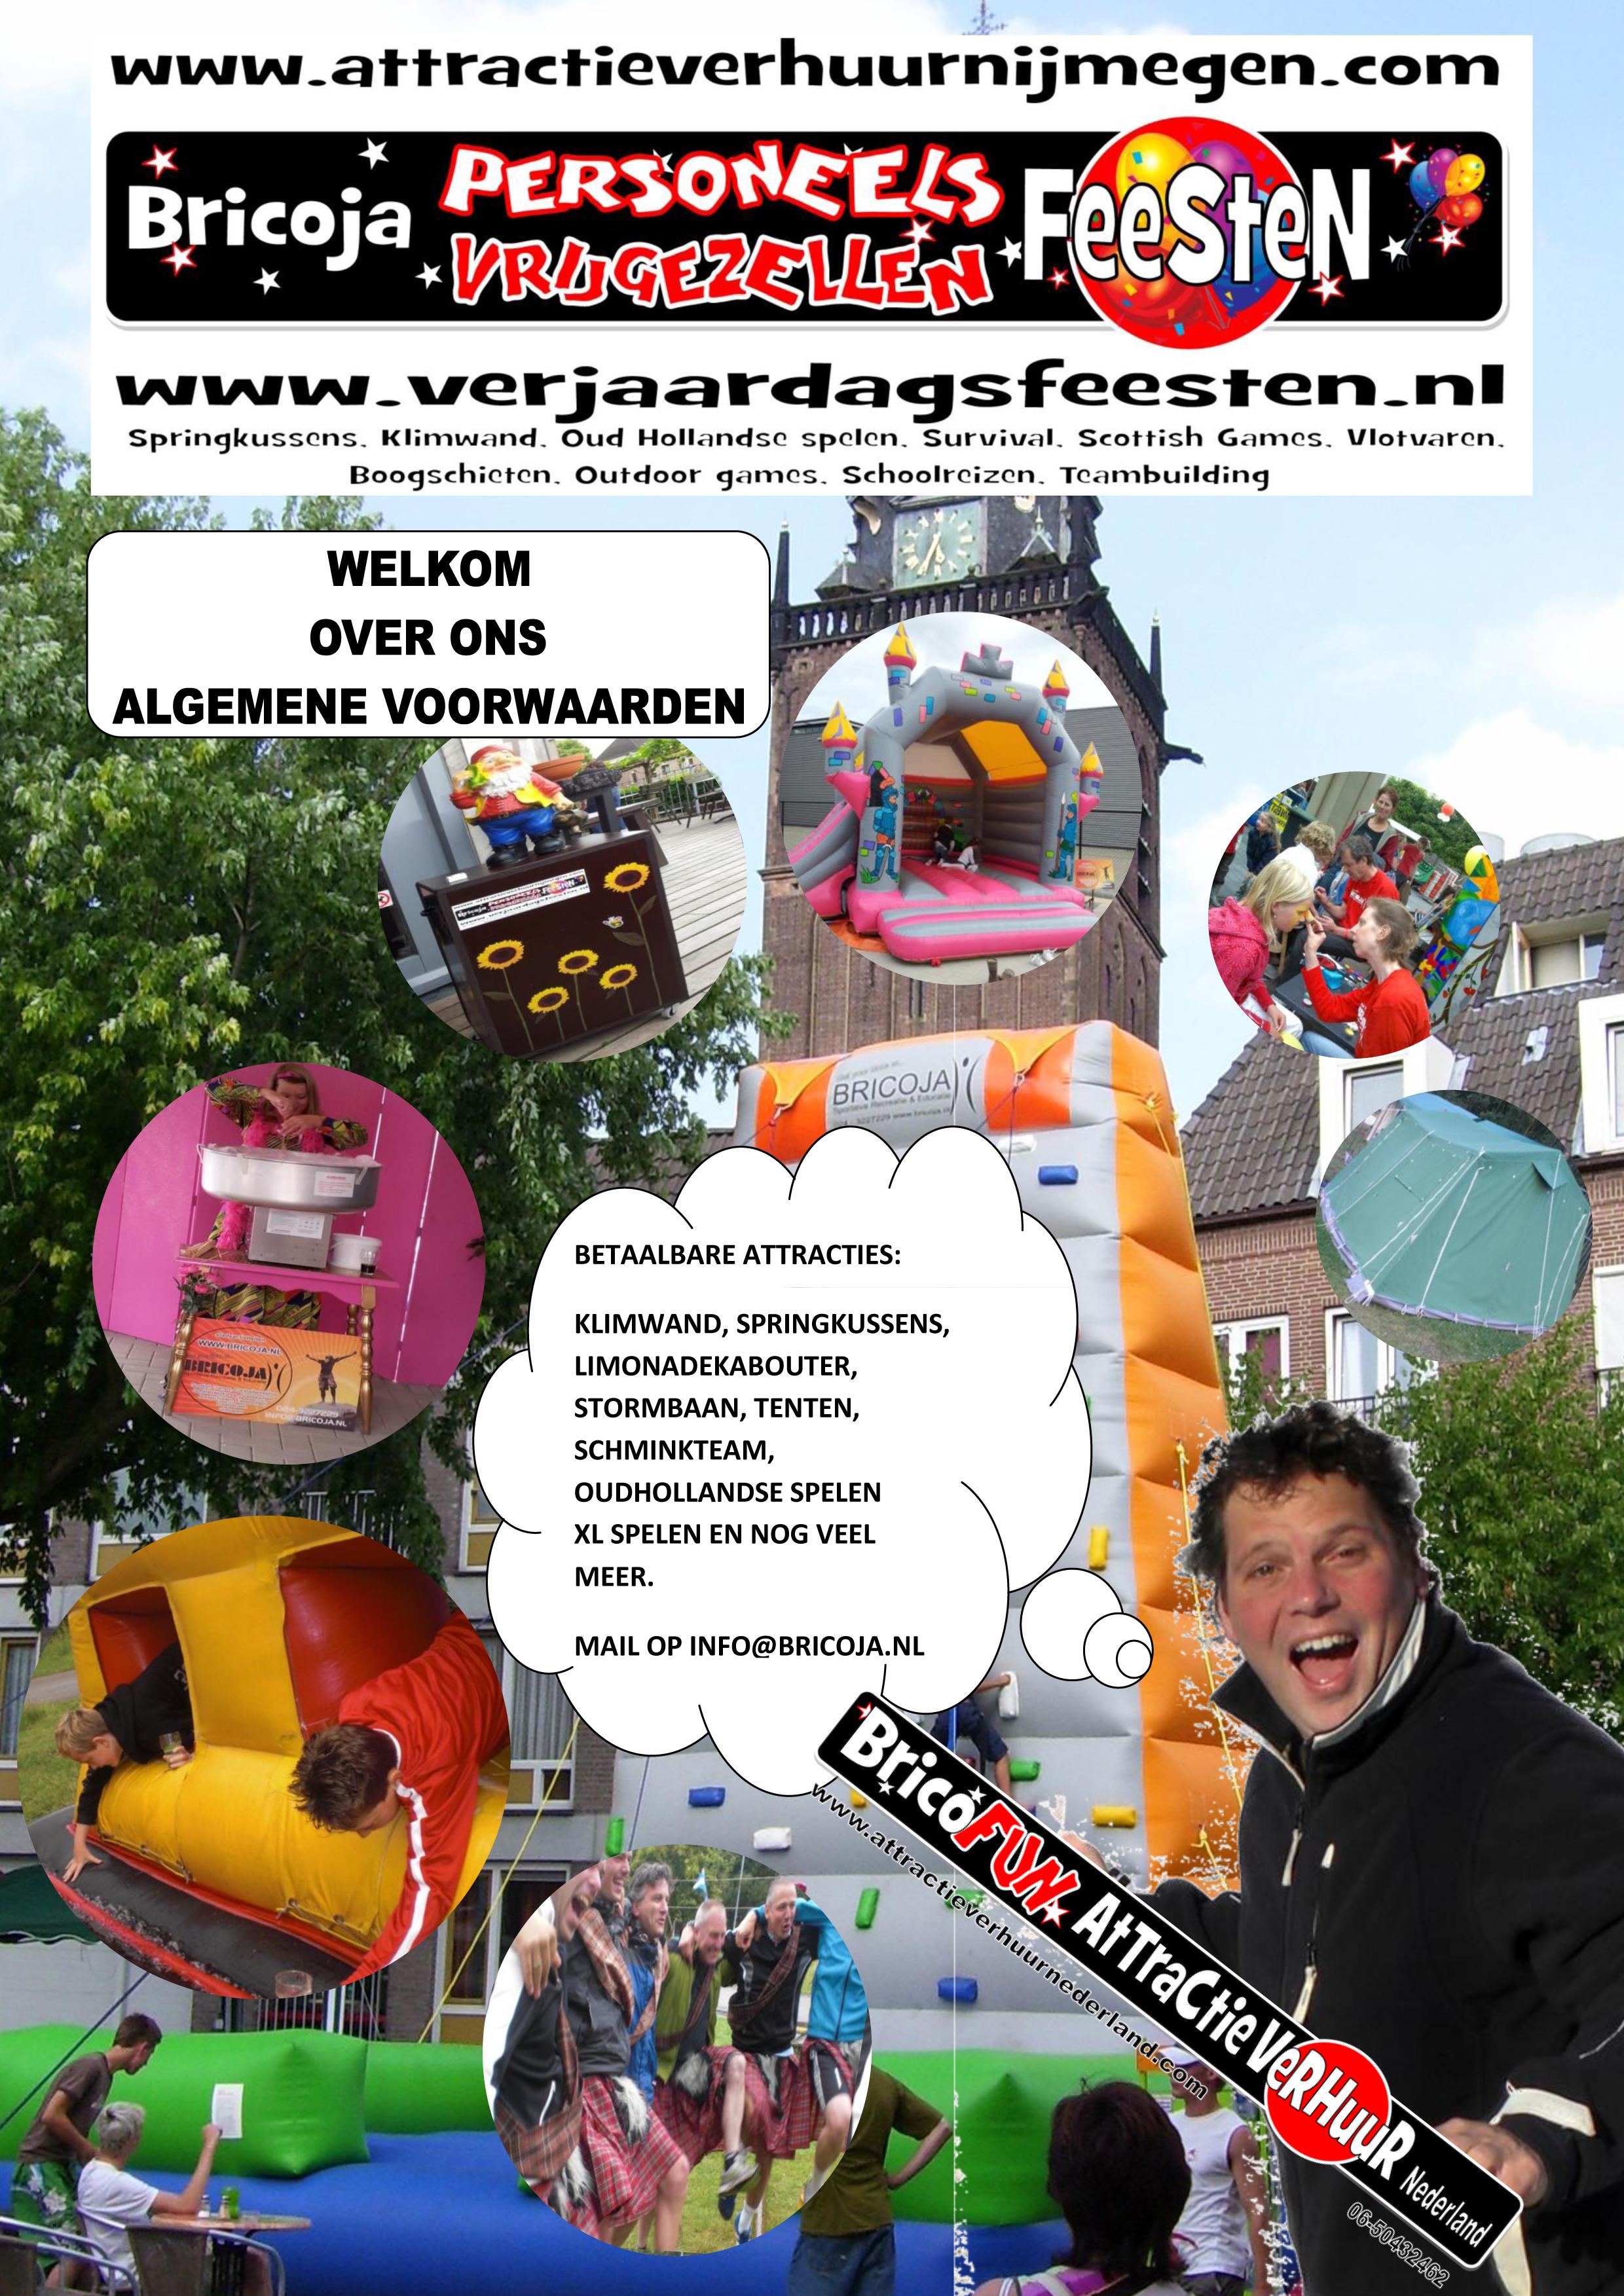 www.attractieverhuurnederland.com